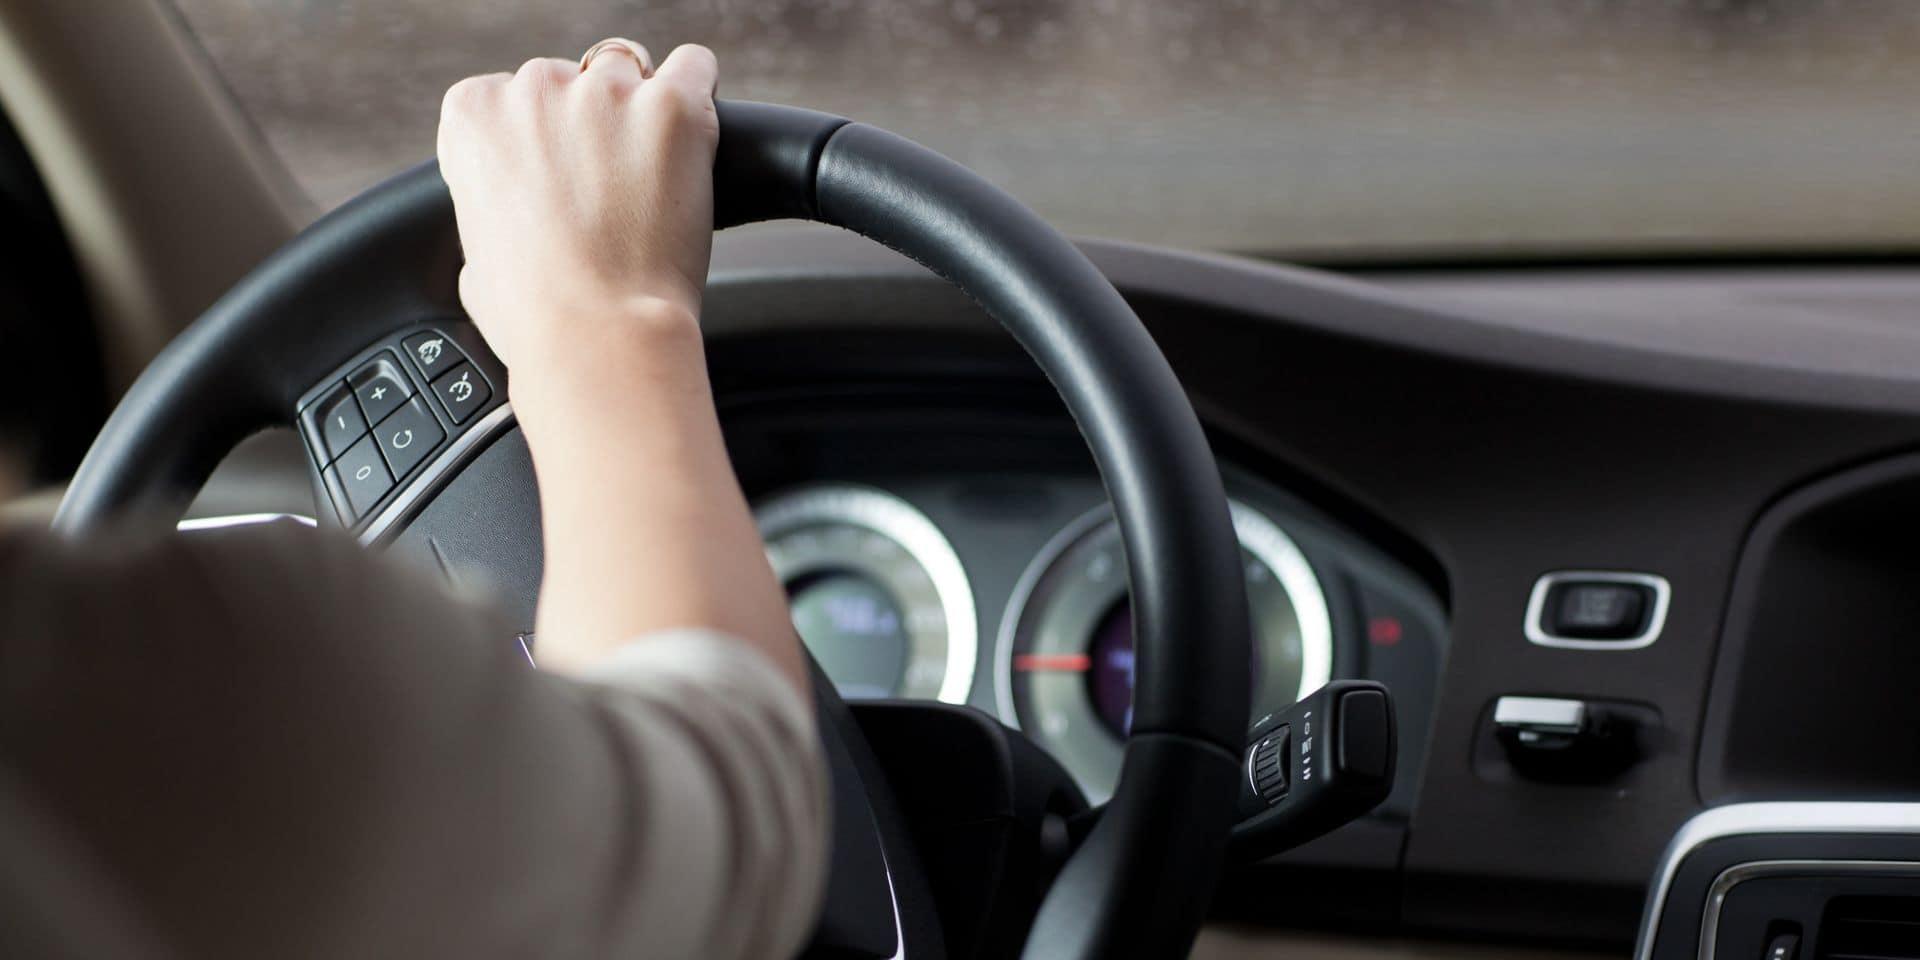 Les femmes moins impliquées dans les accidents graves que les hommes, selon Vias